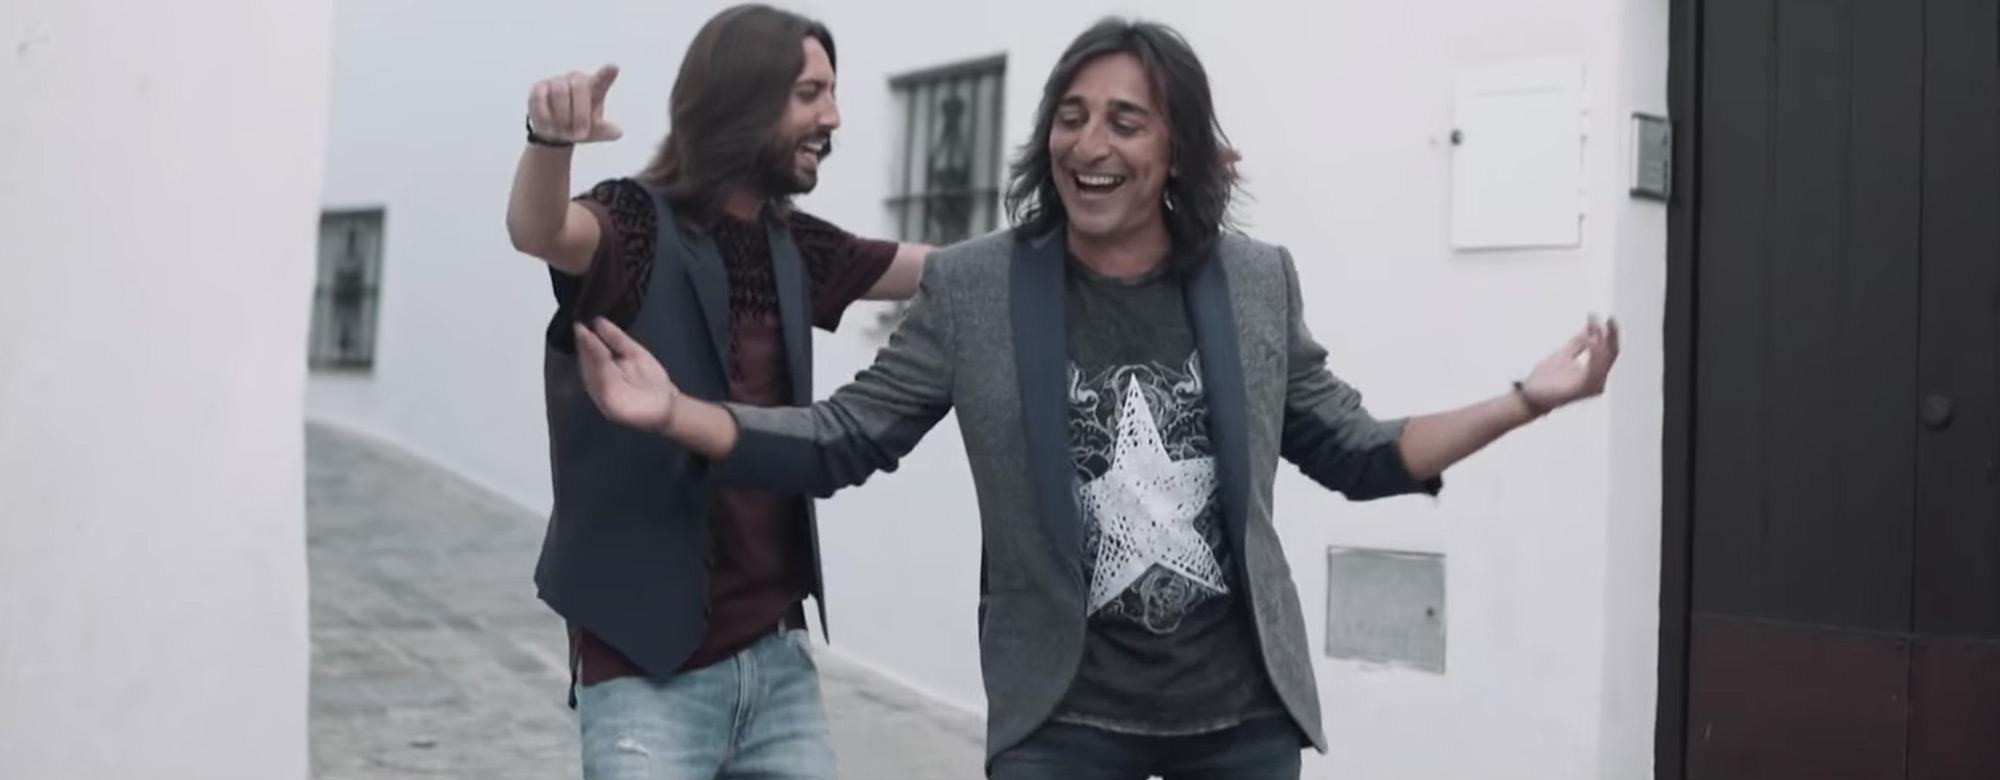 Videoclip Mencanta Antonio Carmona